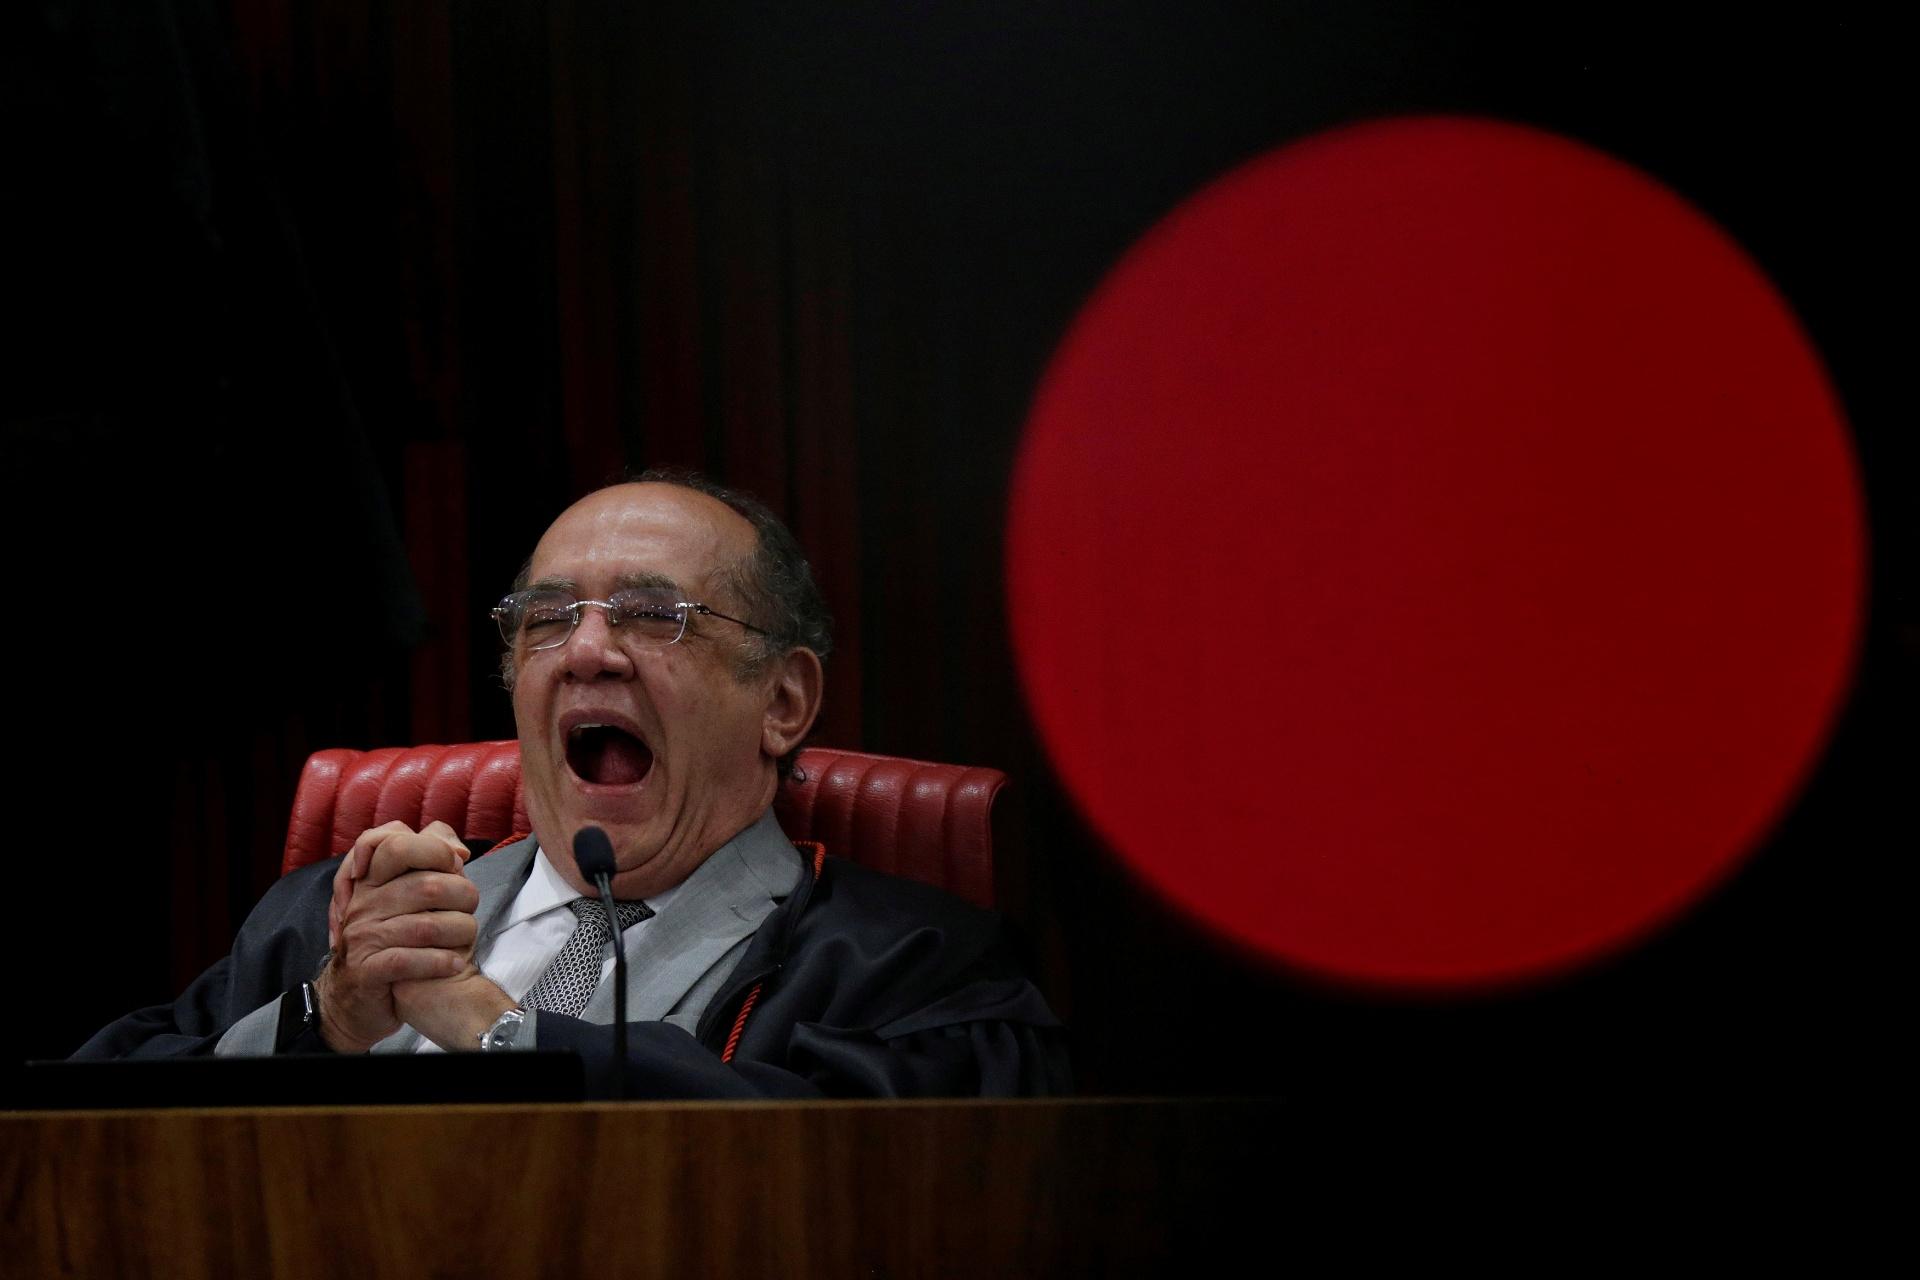 O presidente do TSE, ministro Gilmar Mendes, acompanha as colocações do relator, das defesas e da acusação durante o julgamento da chapa Dilma-Temer